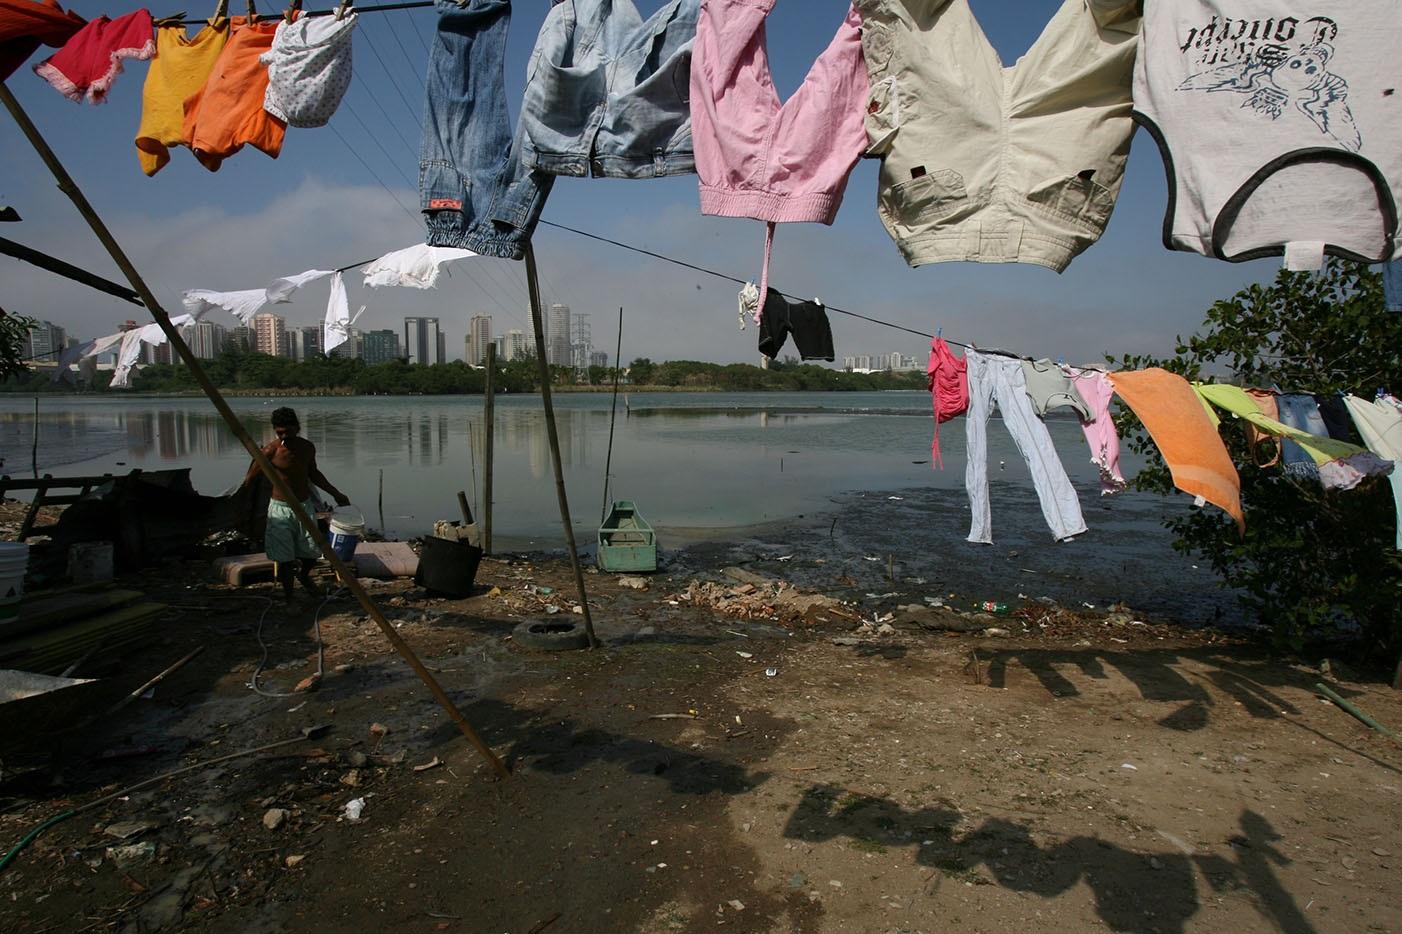 Mais da metade da população brasileira não tem acesso à coleta de esgoto. Foto Custódio Coimbra